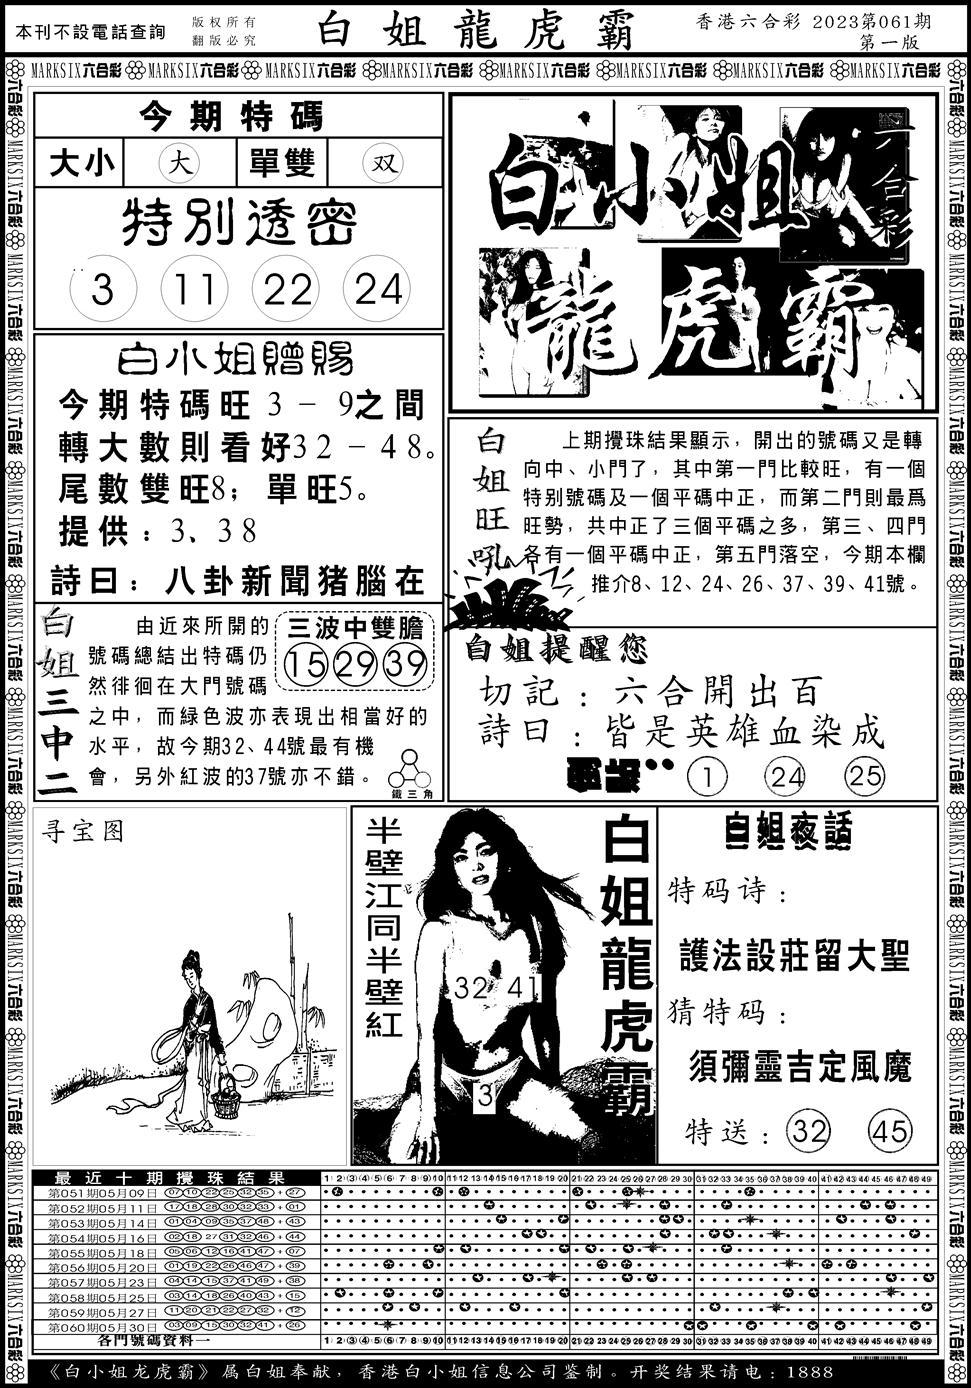 061期白小姐龙虎斗A(黑白)